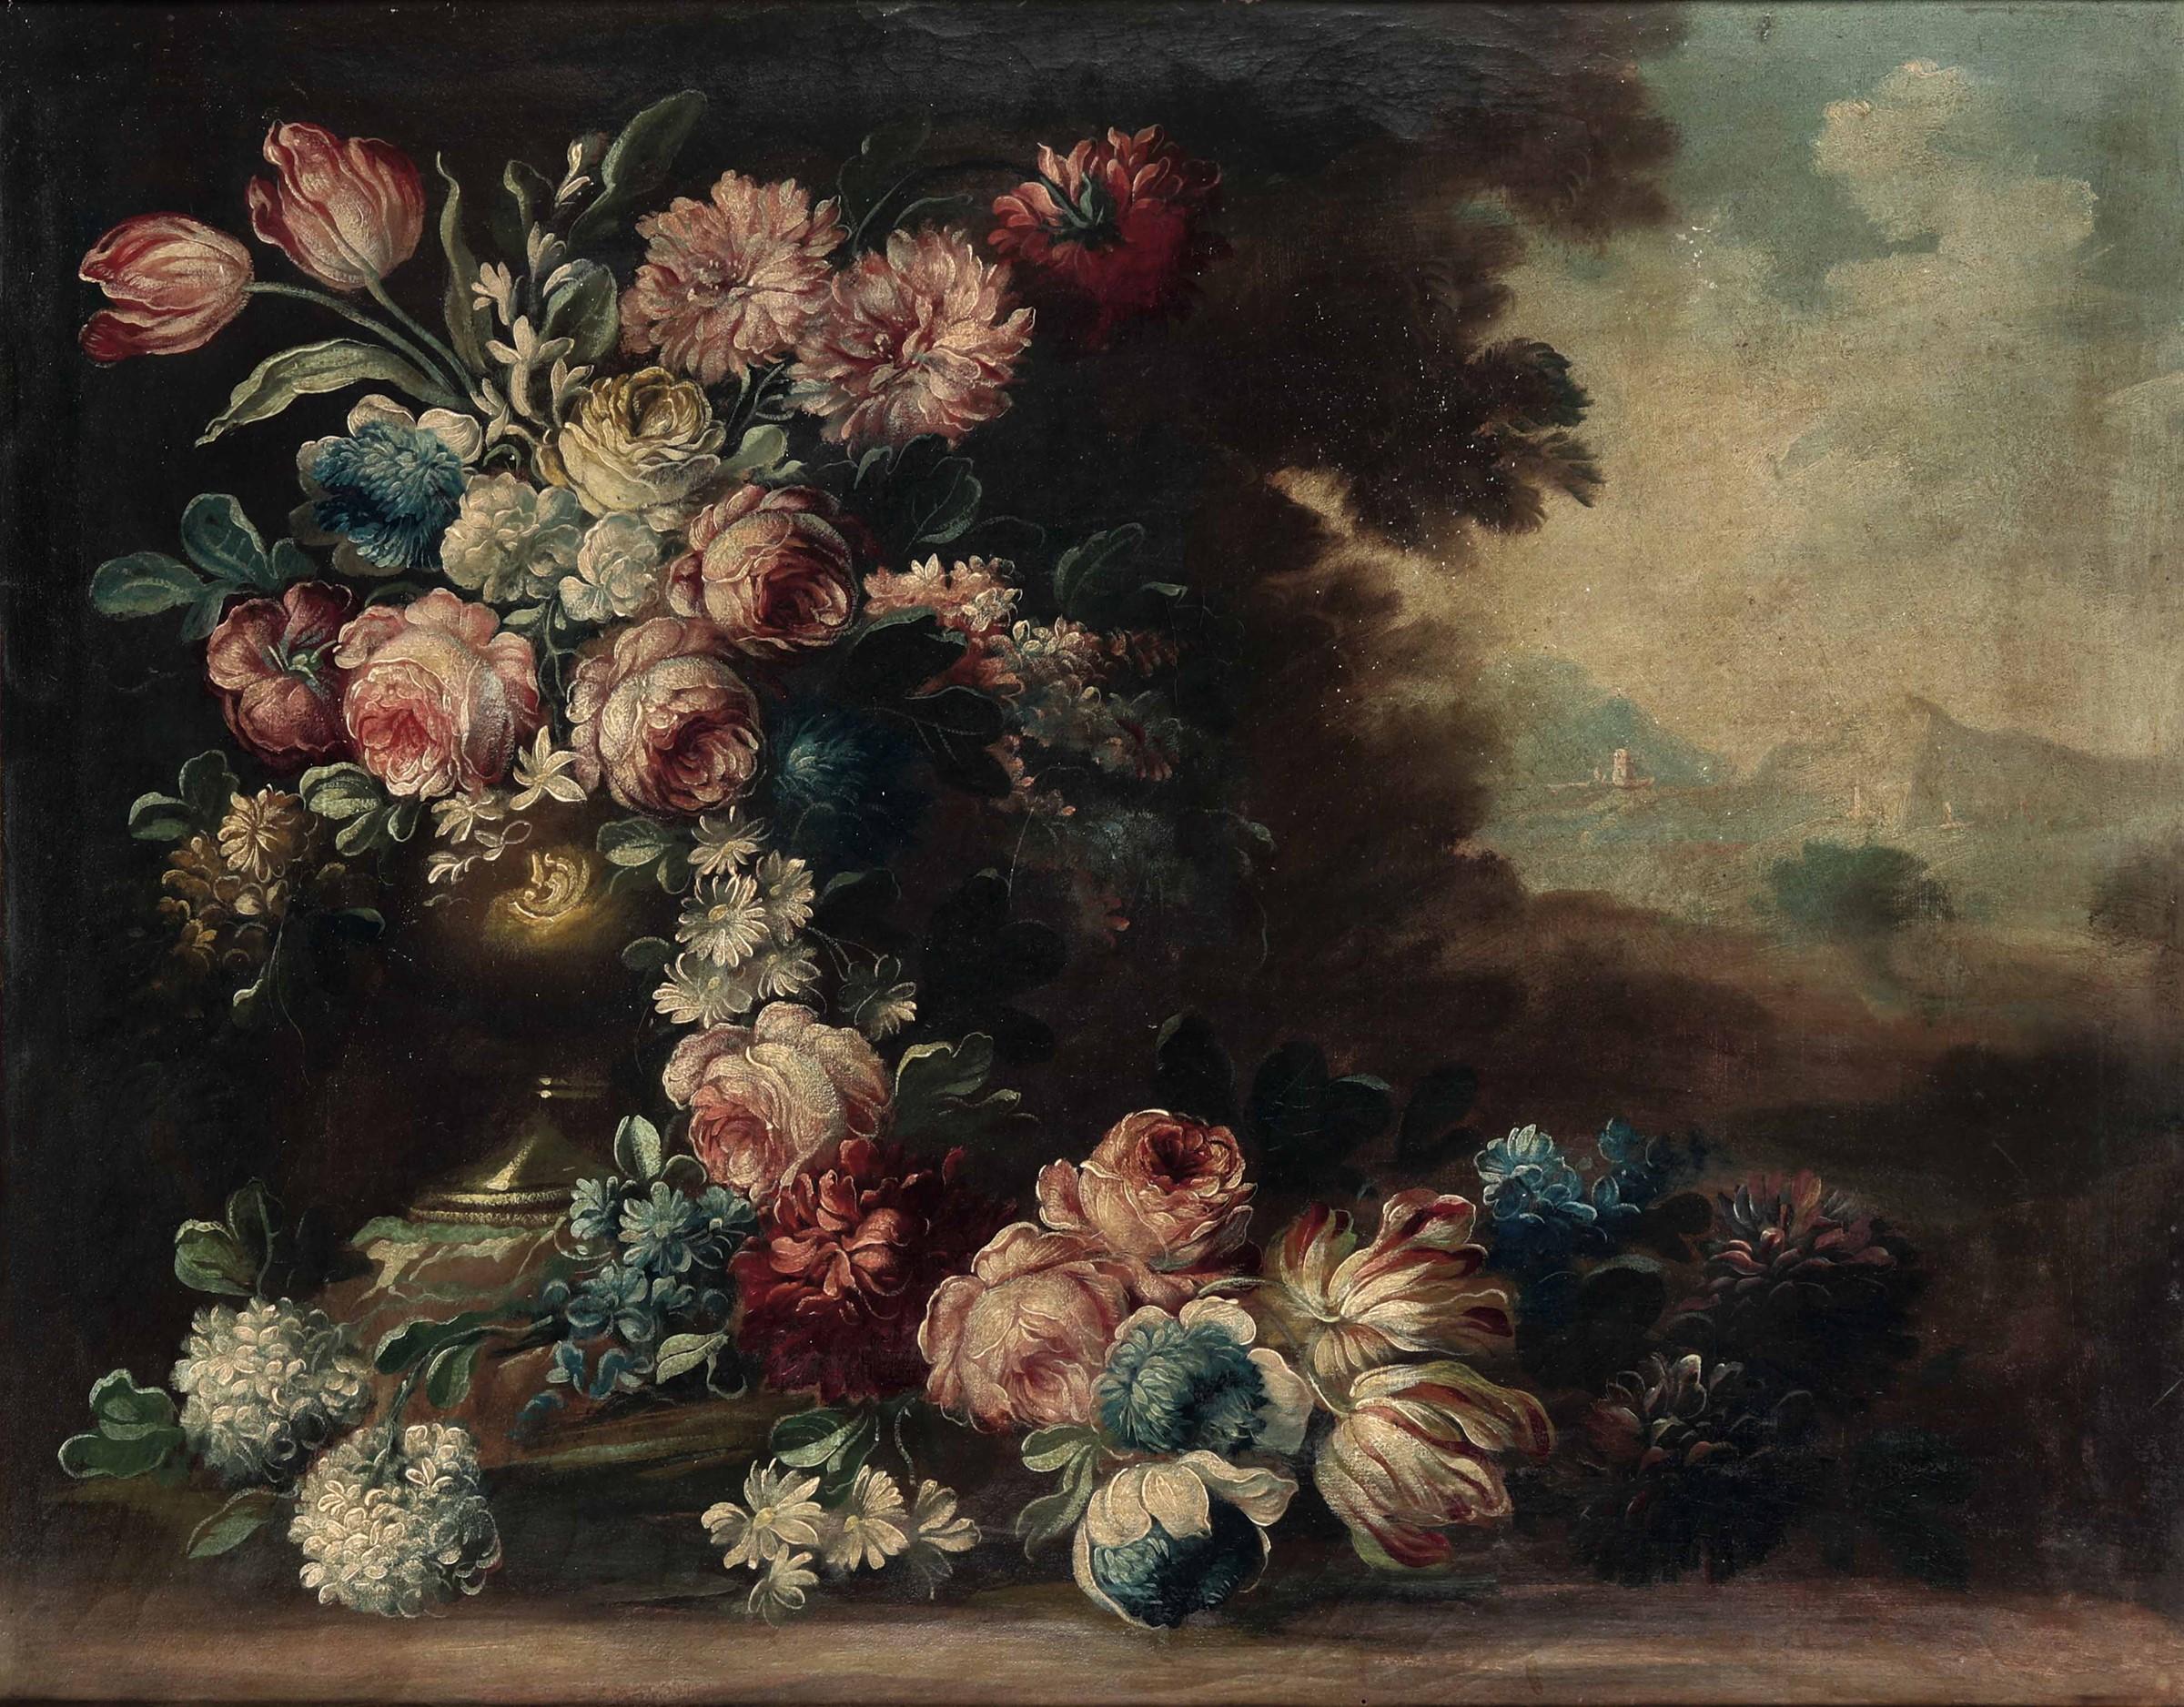 Scuola piemontese del XVIII secolo, Natura morta con vaso di fiori - coppia di [...] - Image 2 of 3